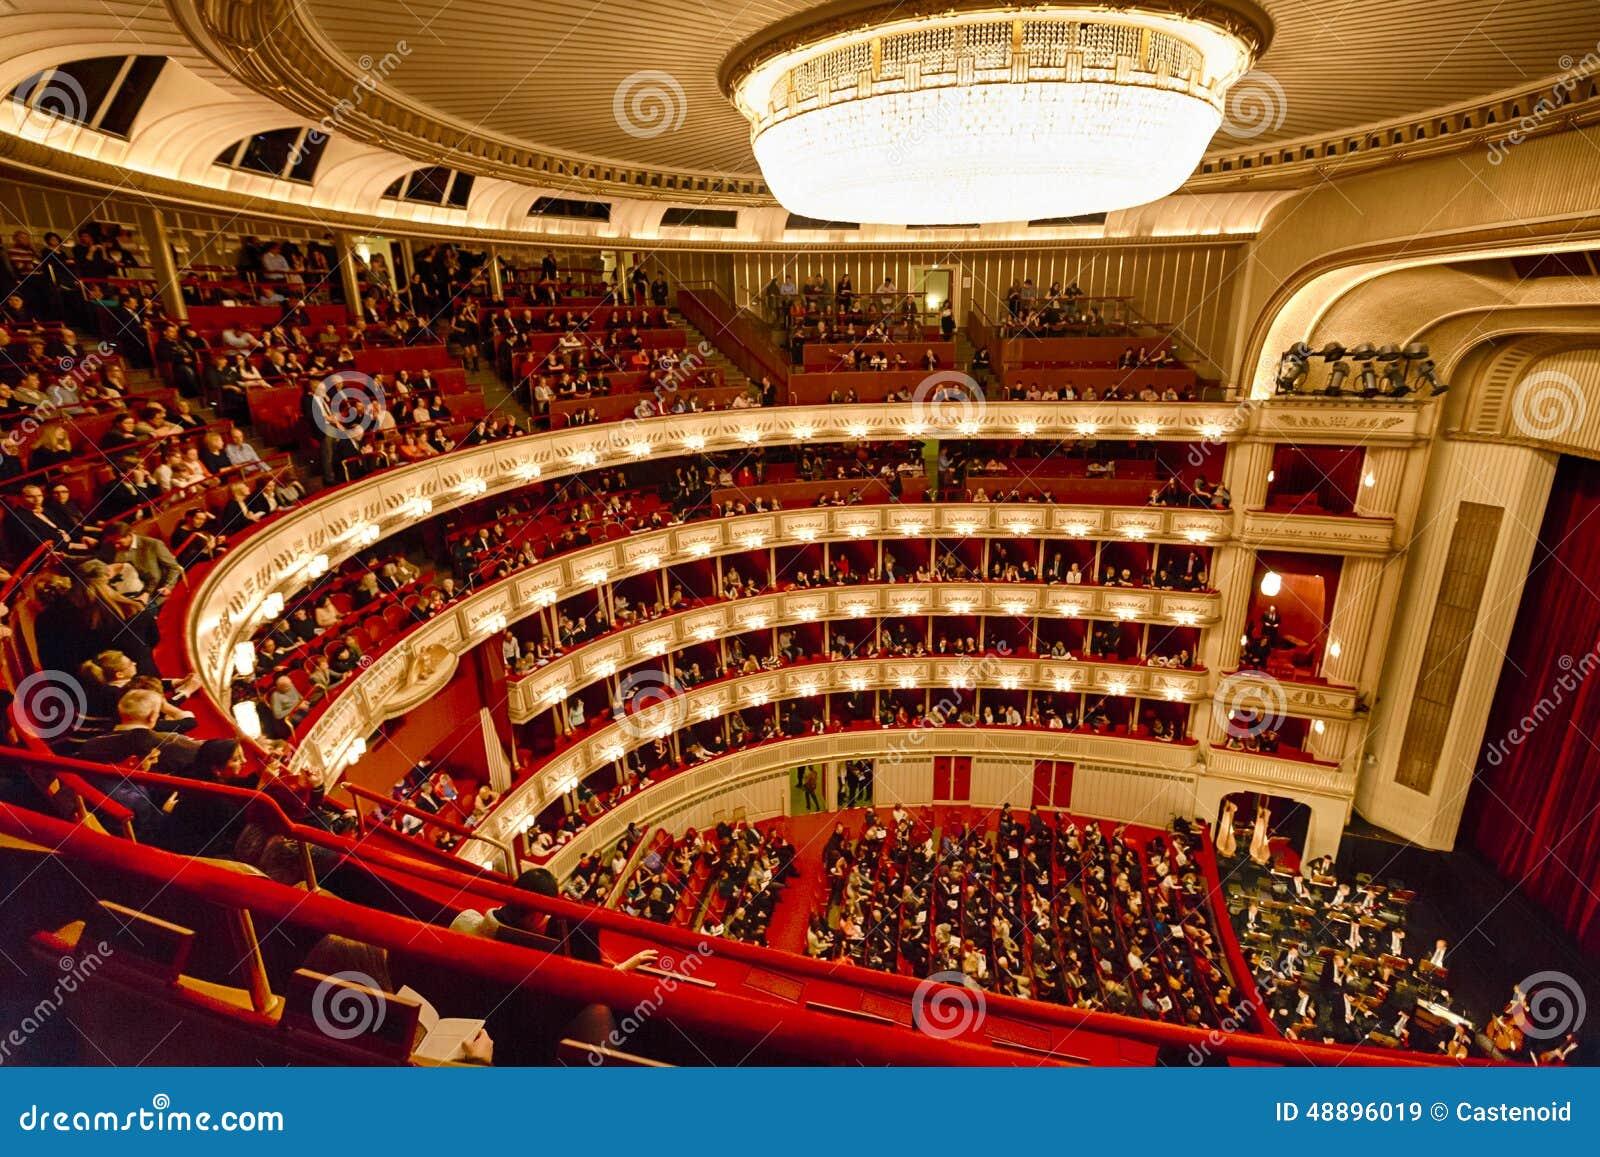 Balcones del teatro de la ópera de Viena